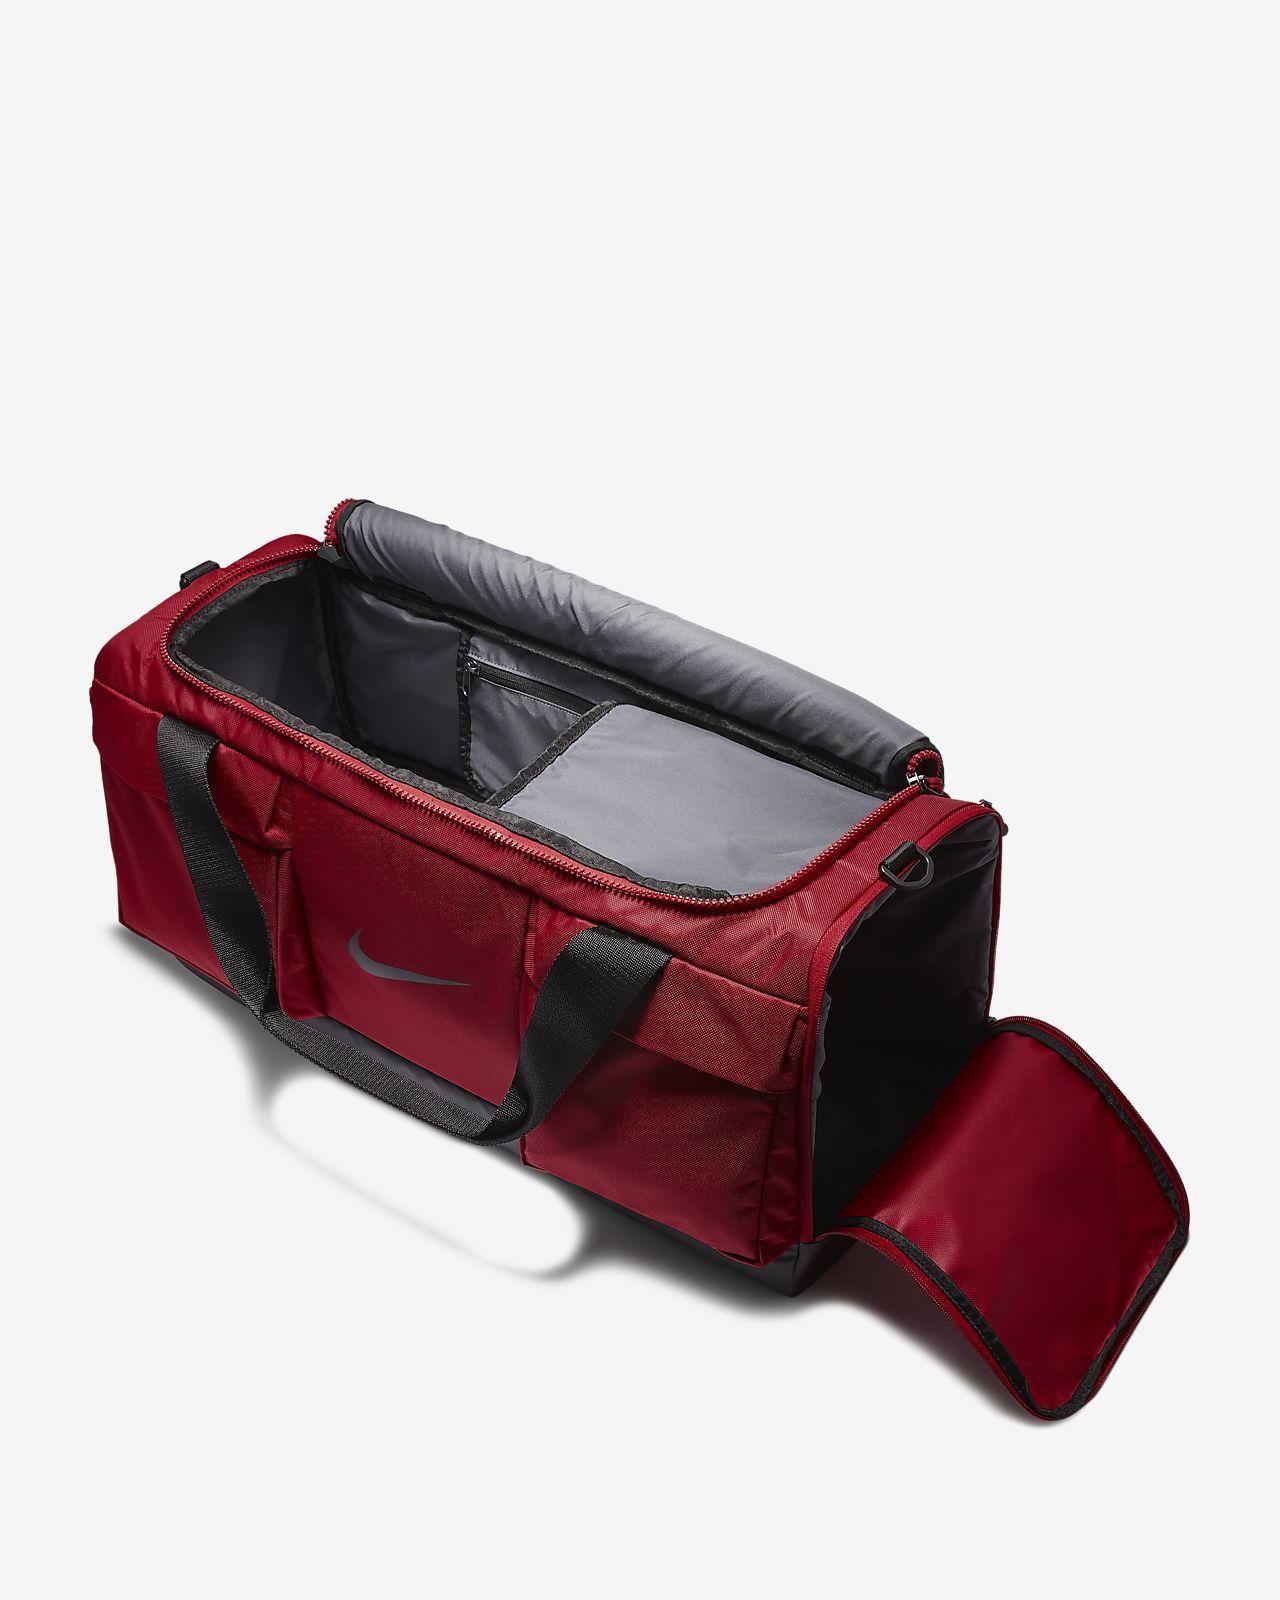 d635dda7a8 Vapor Power Men's Training Duffel Bag (Medium) | Luggage and such ...